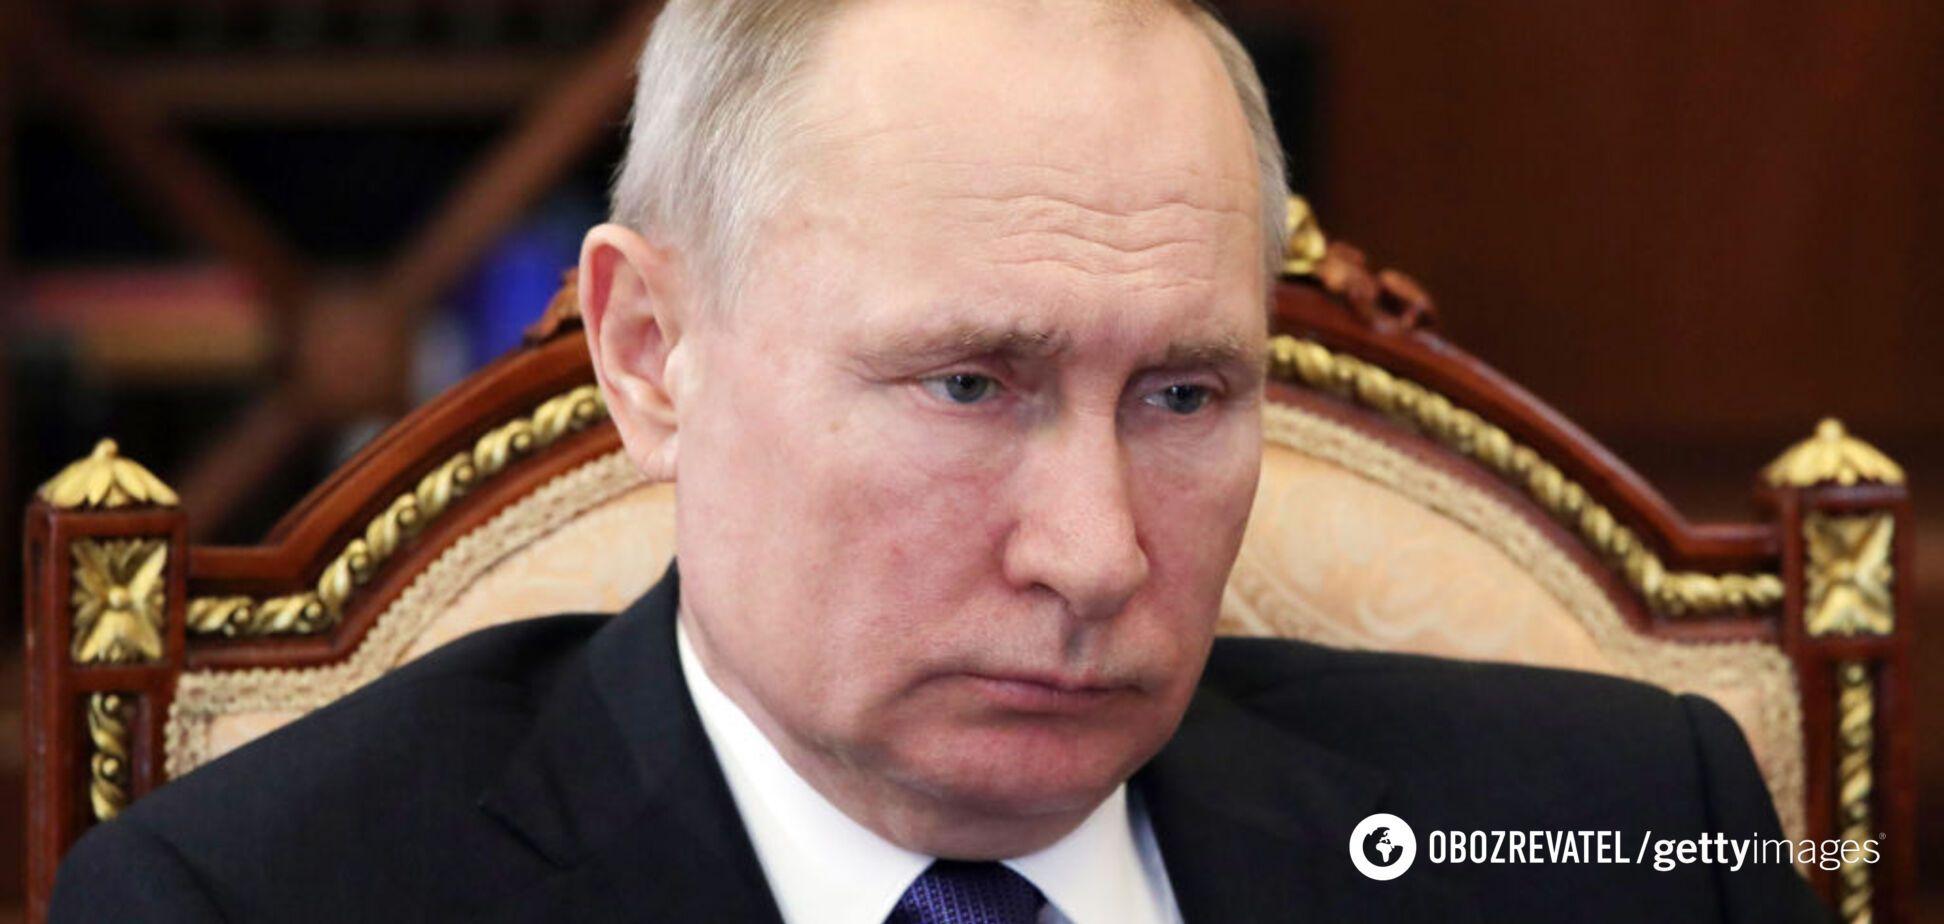 Сливы и компроматы на Путина: элиты России готовят трансфер власти